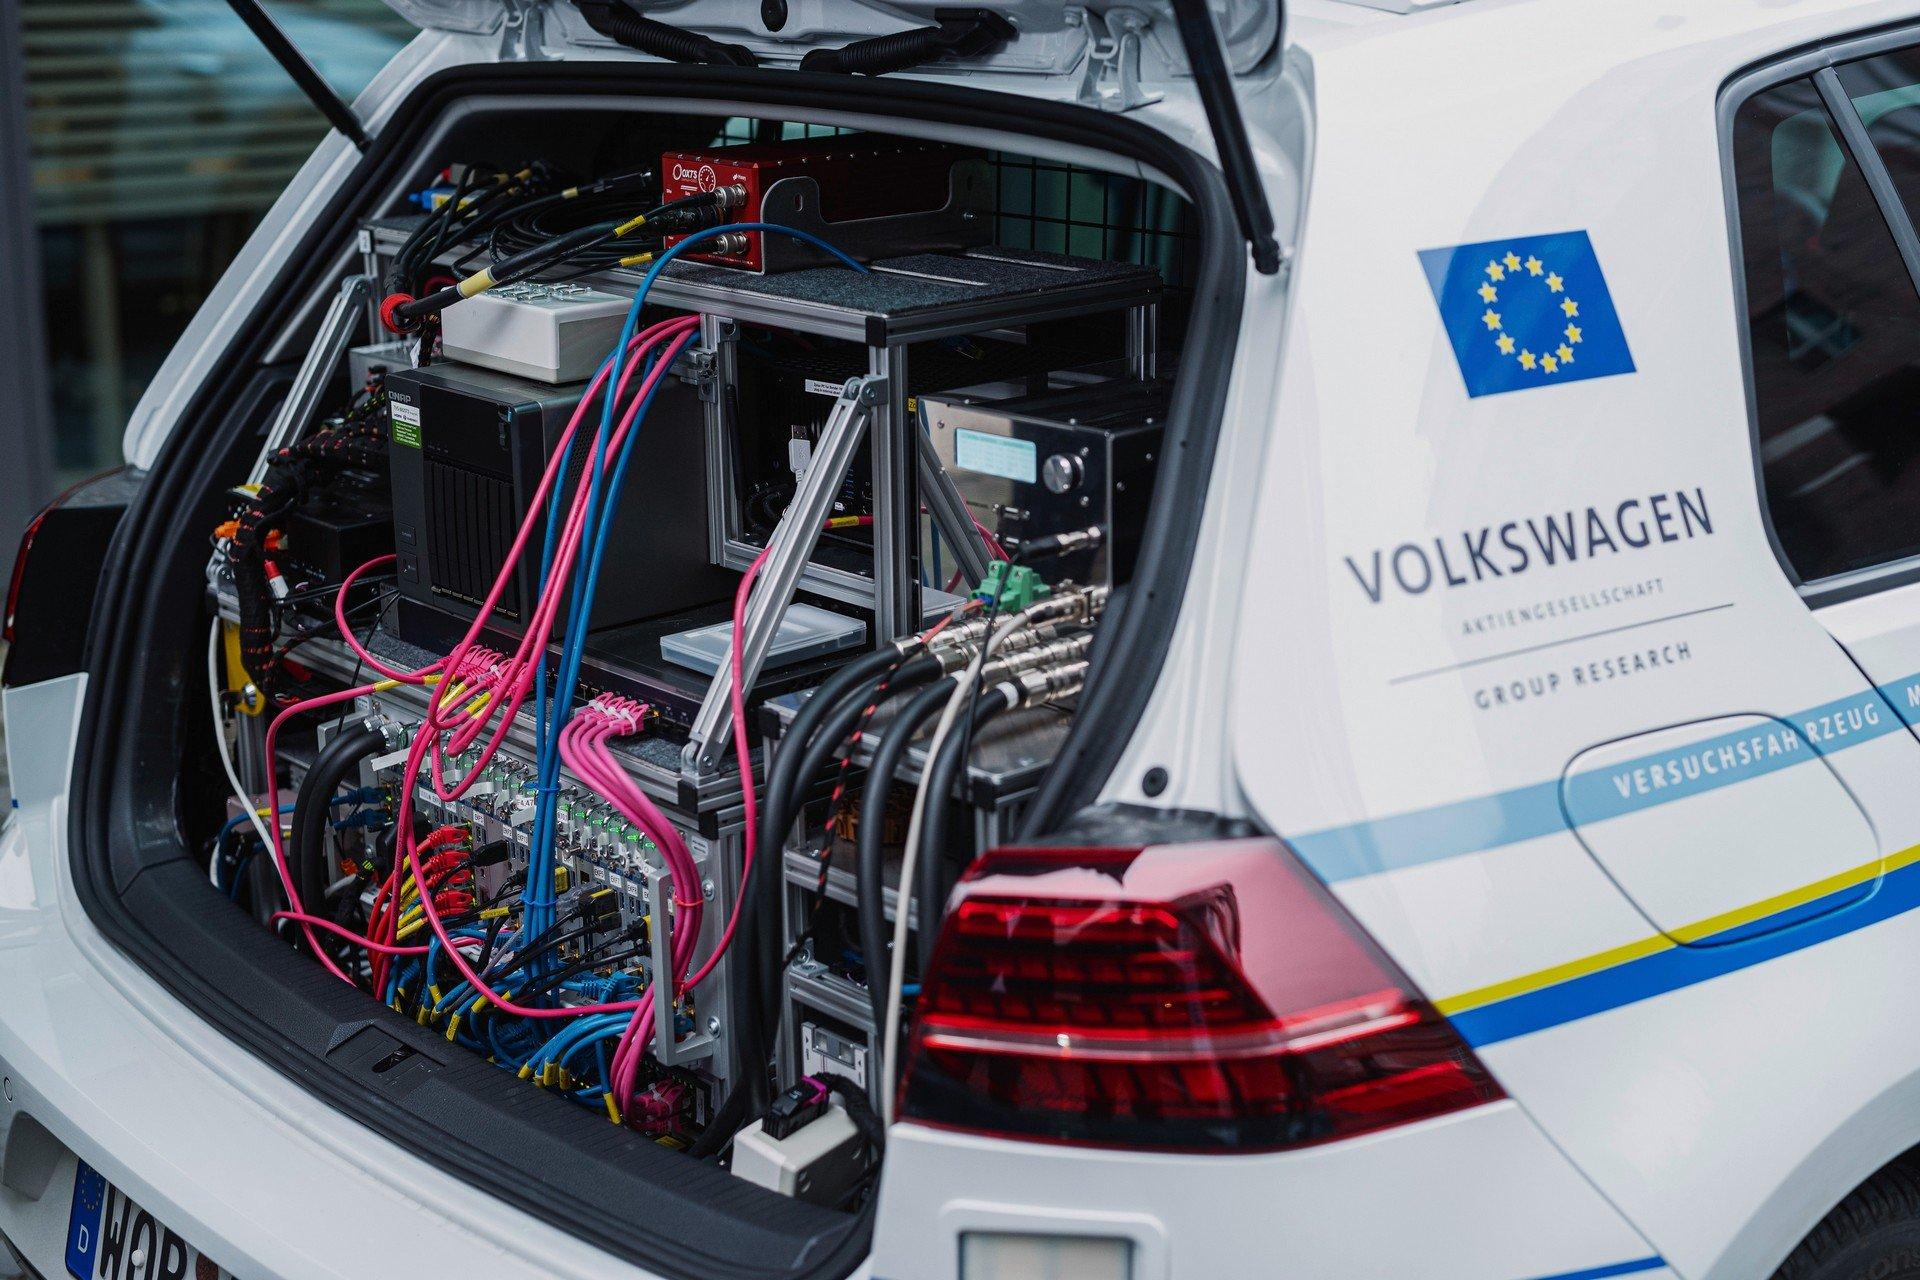 VW-Volkswagen-e-Golf-Autonomous-5